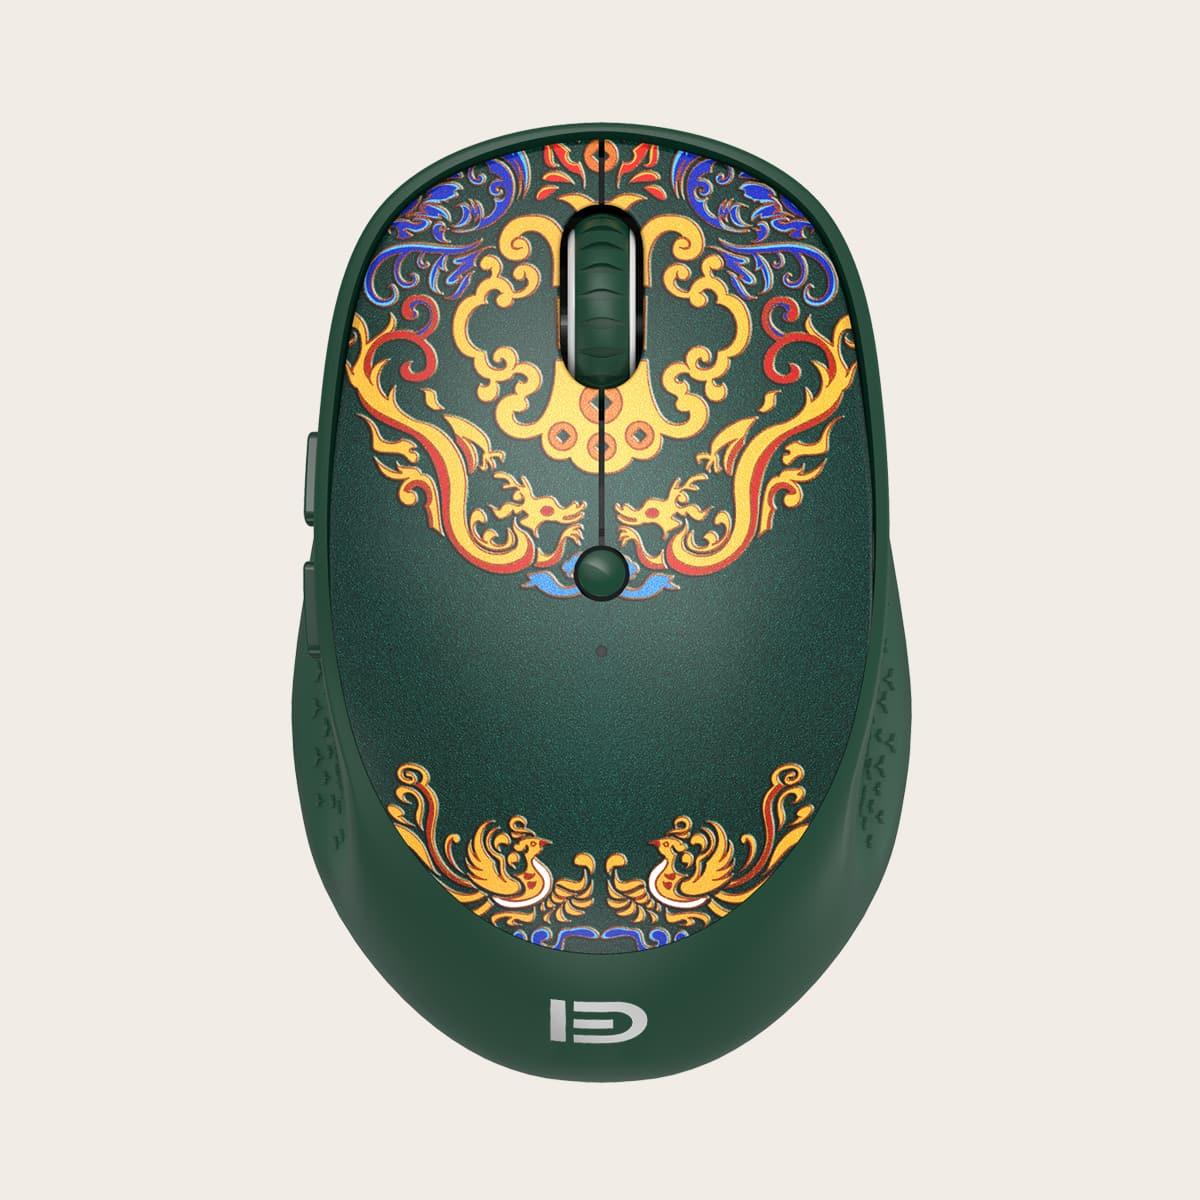 Drahtlose Maus im chinesischen Stil